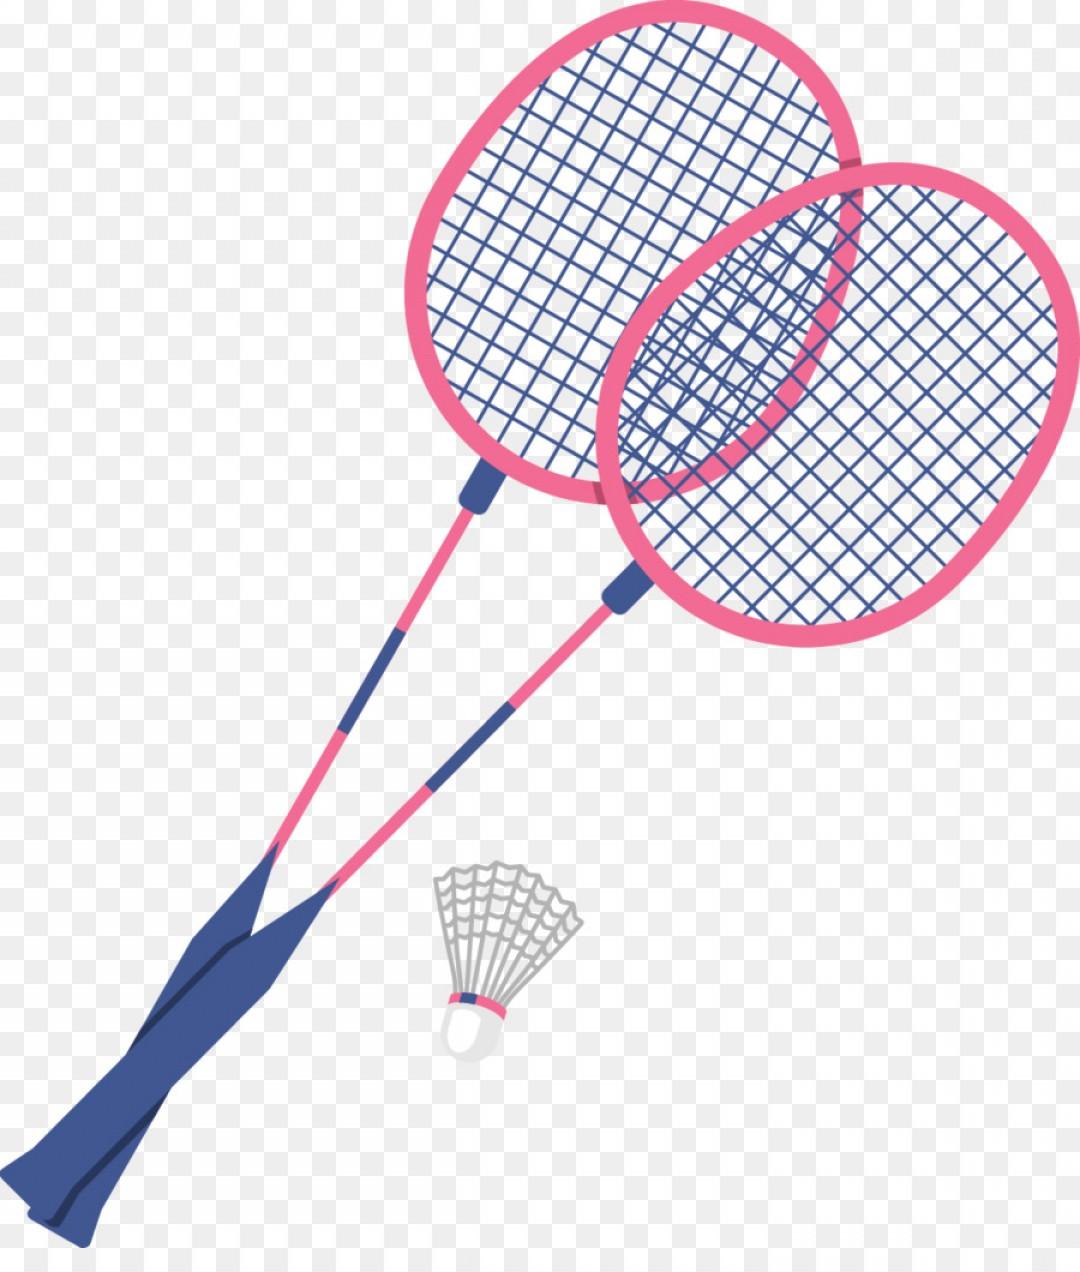 1080x1272 Badminton Racket Vector Arenawp